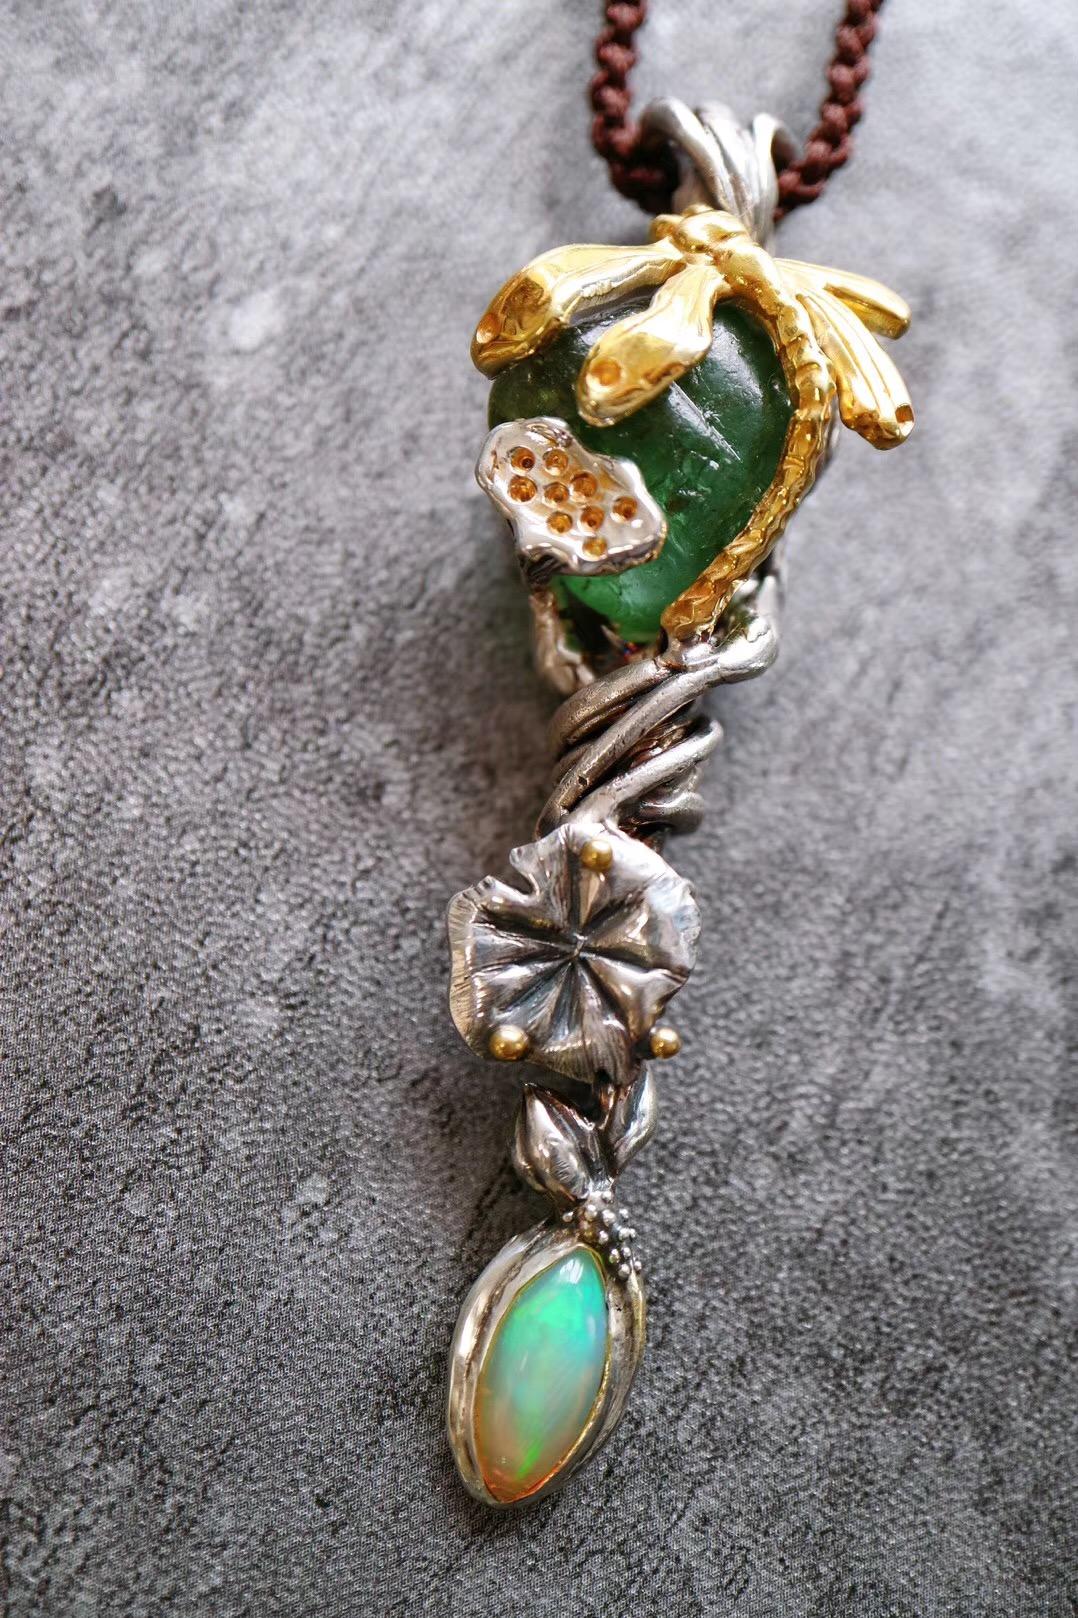 【菩心-碧玺原石设计】一枚代表勃勃生机的权杖,亦可作为吊坠-菩心晶舍